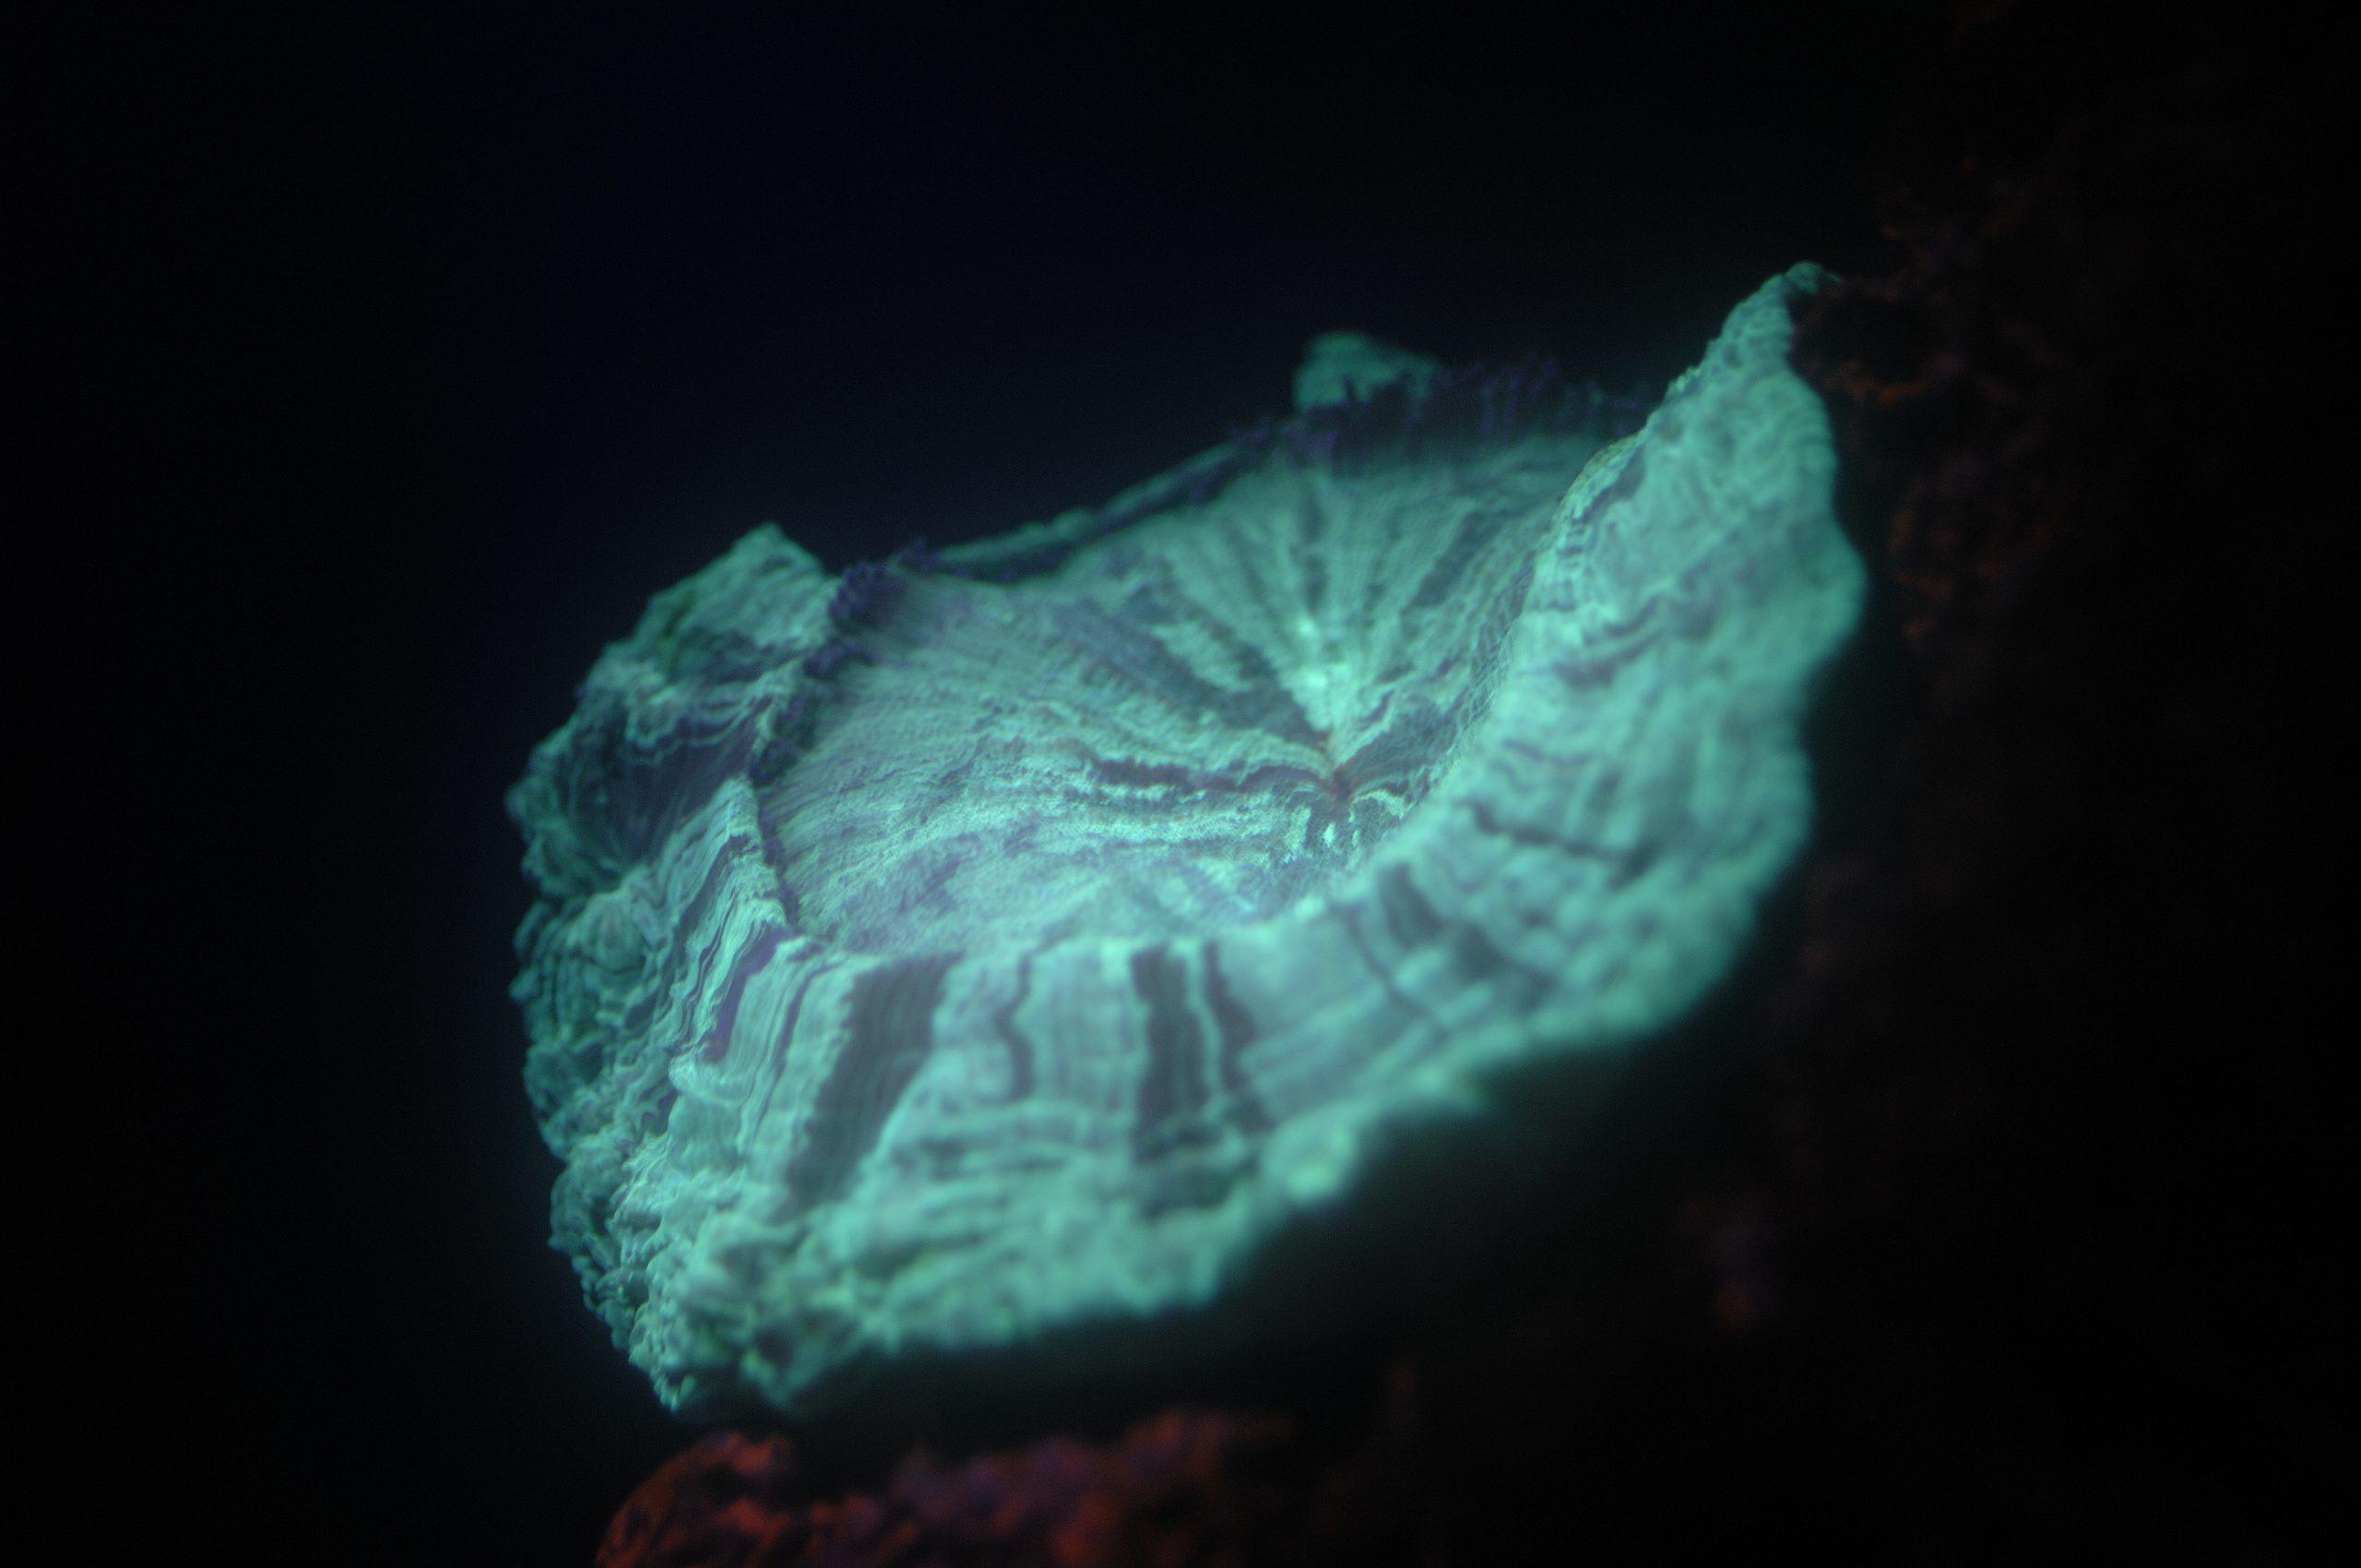 MOM 11642 M. Dagnino